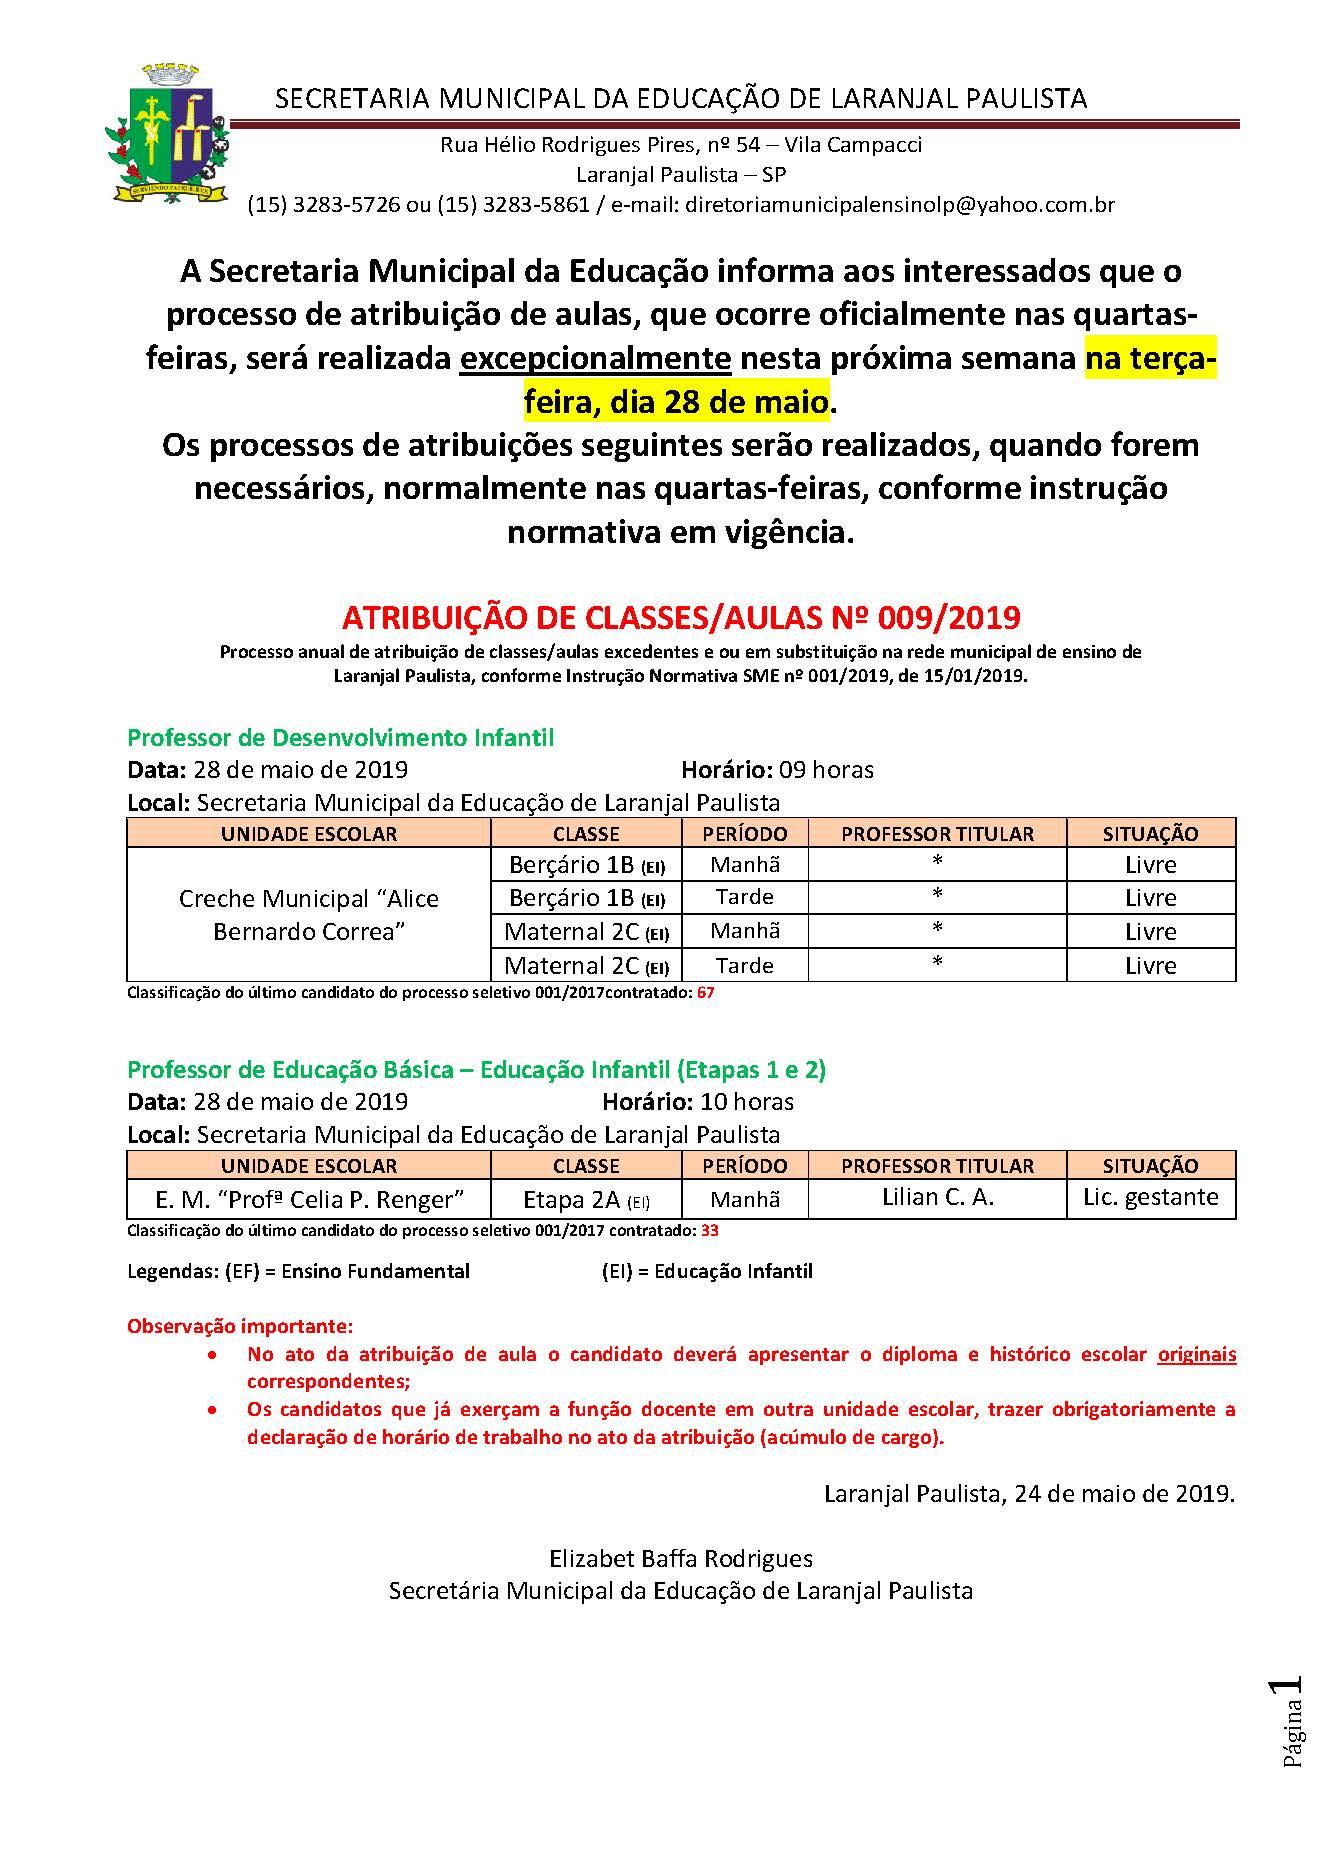 Atribuição de classes e ou aulas excedentes nº 009-2019